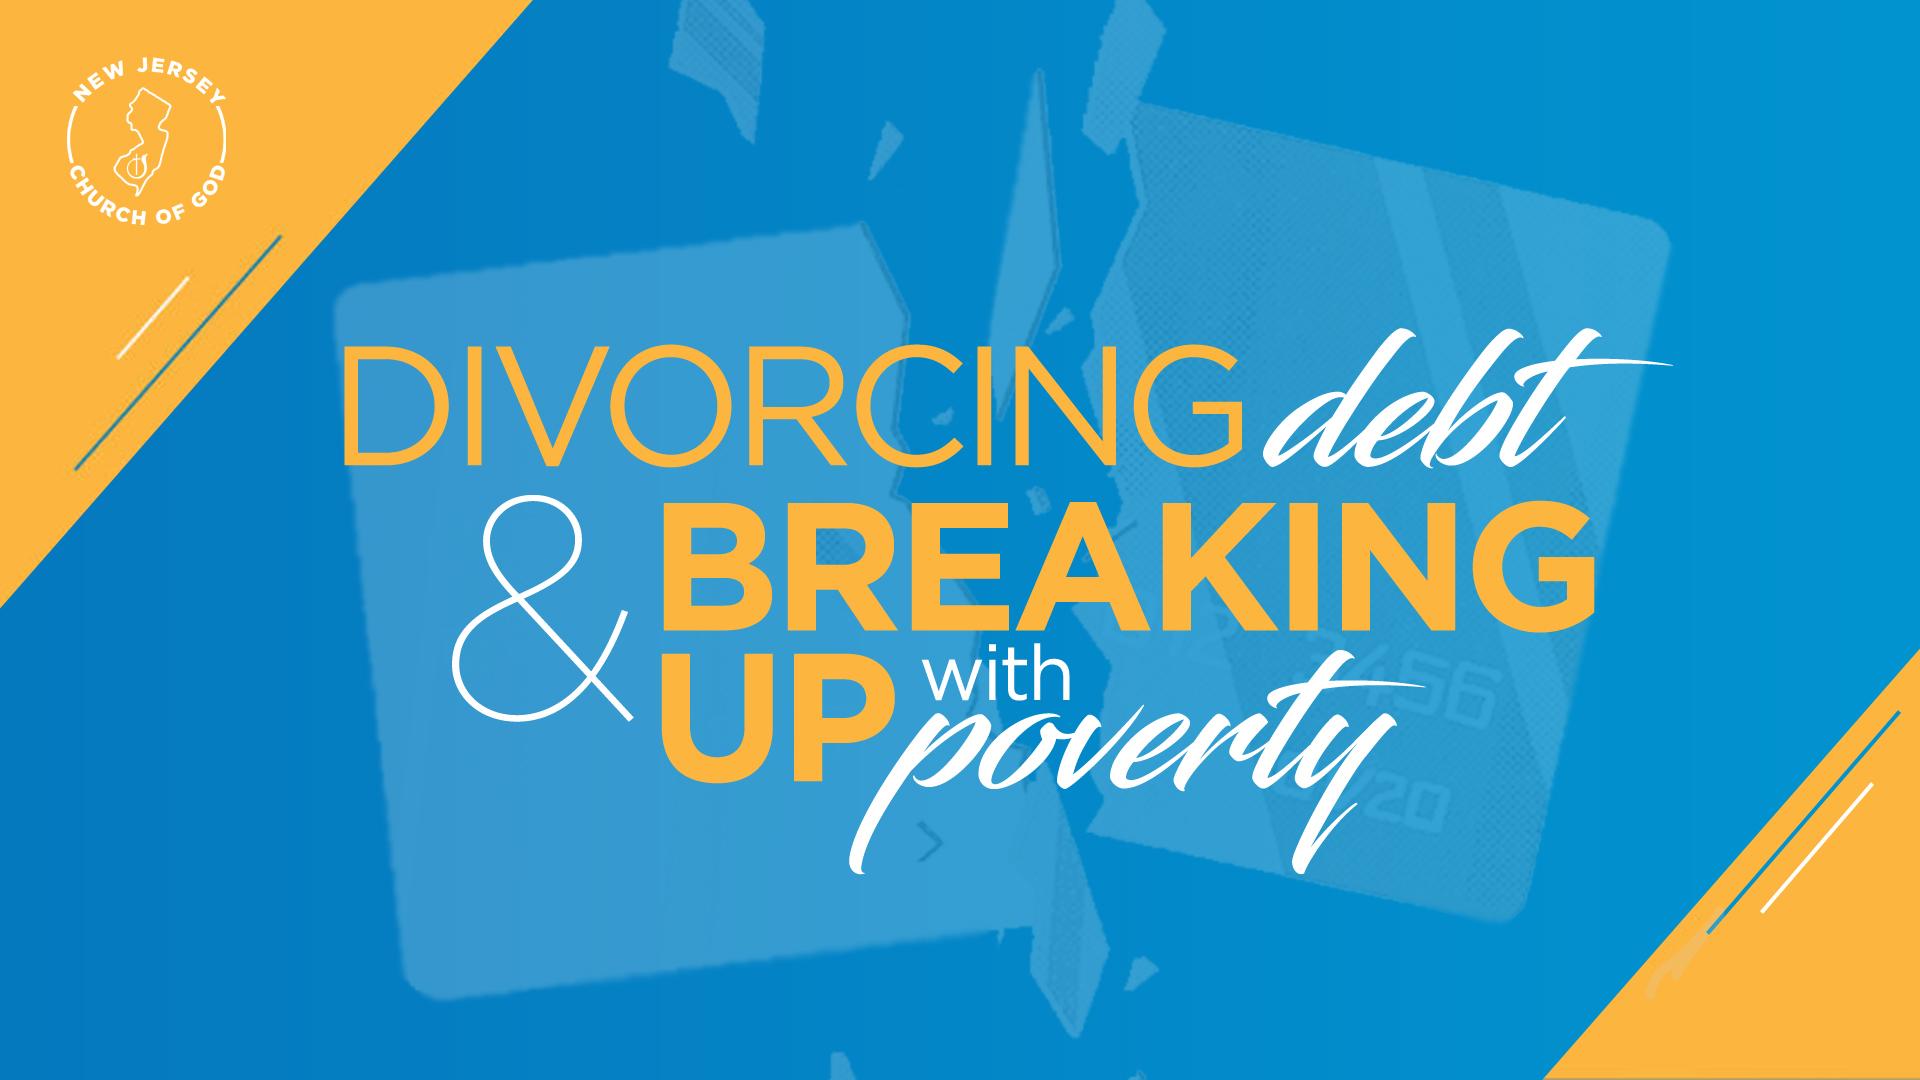 2021 Divorce Debt_1920x1080-A